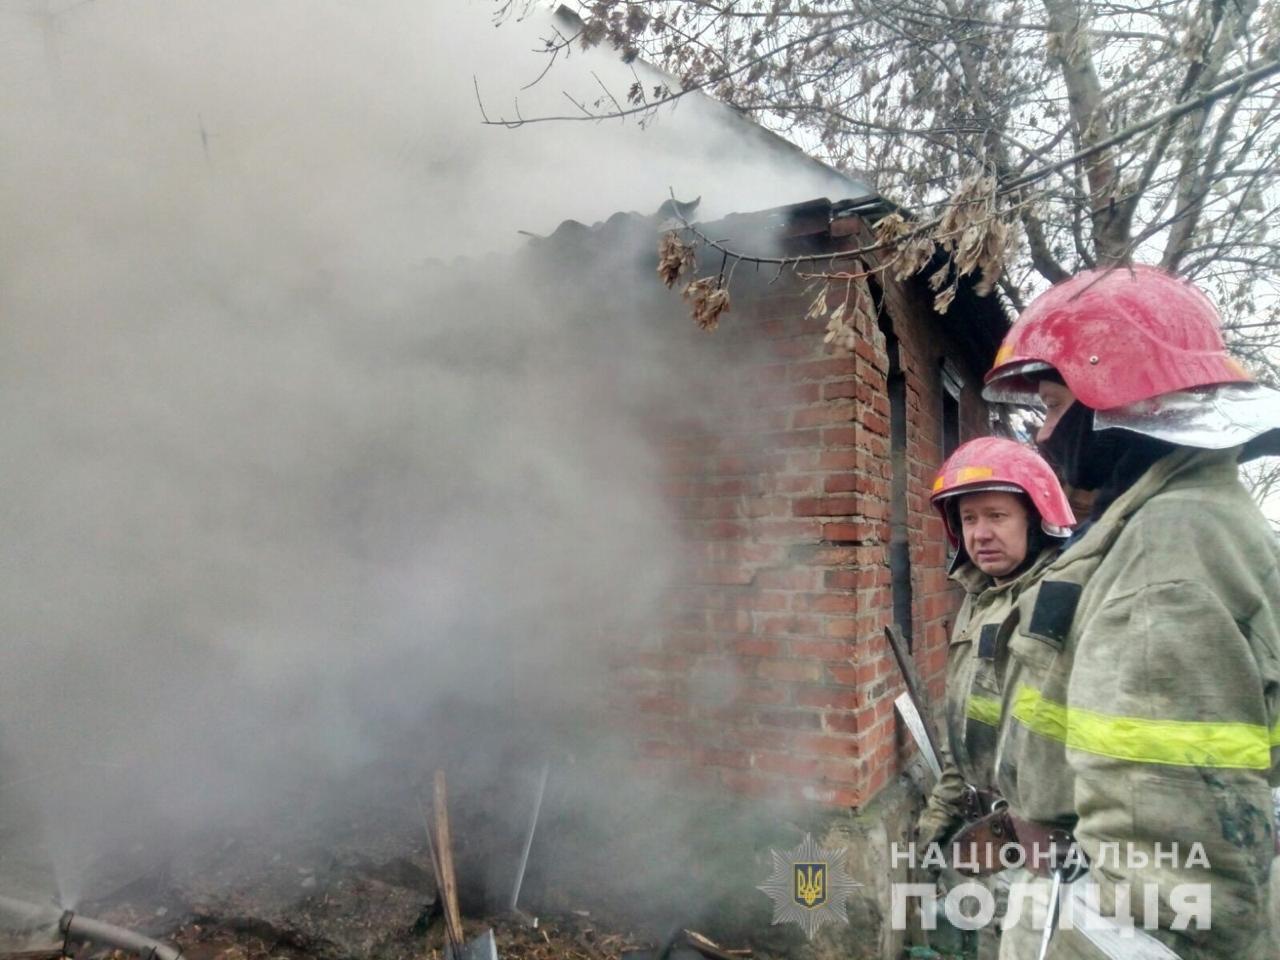 На Харьковщине загорелся частный дом: спасатели нашли труп погибшего мужчины, - ФОТО, фото-3